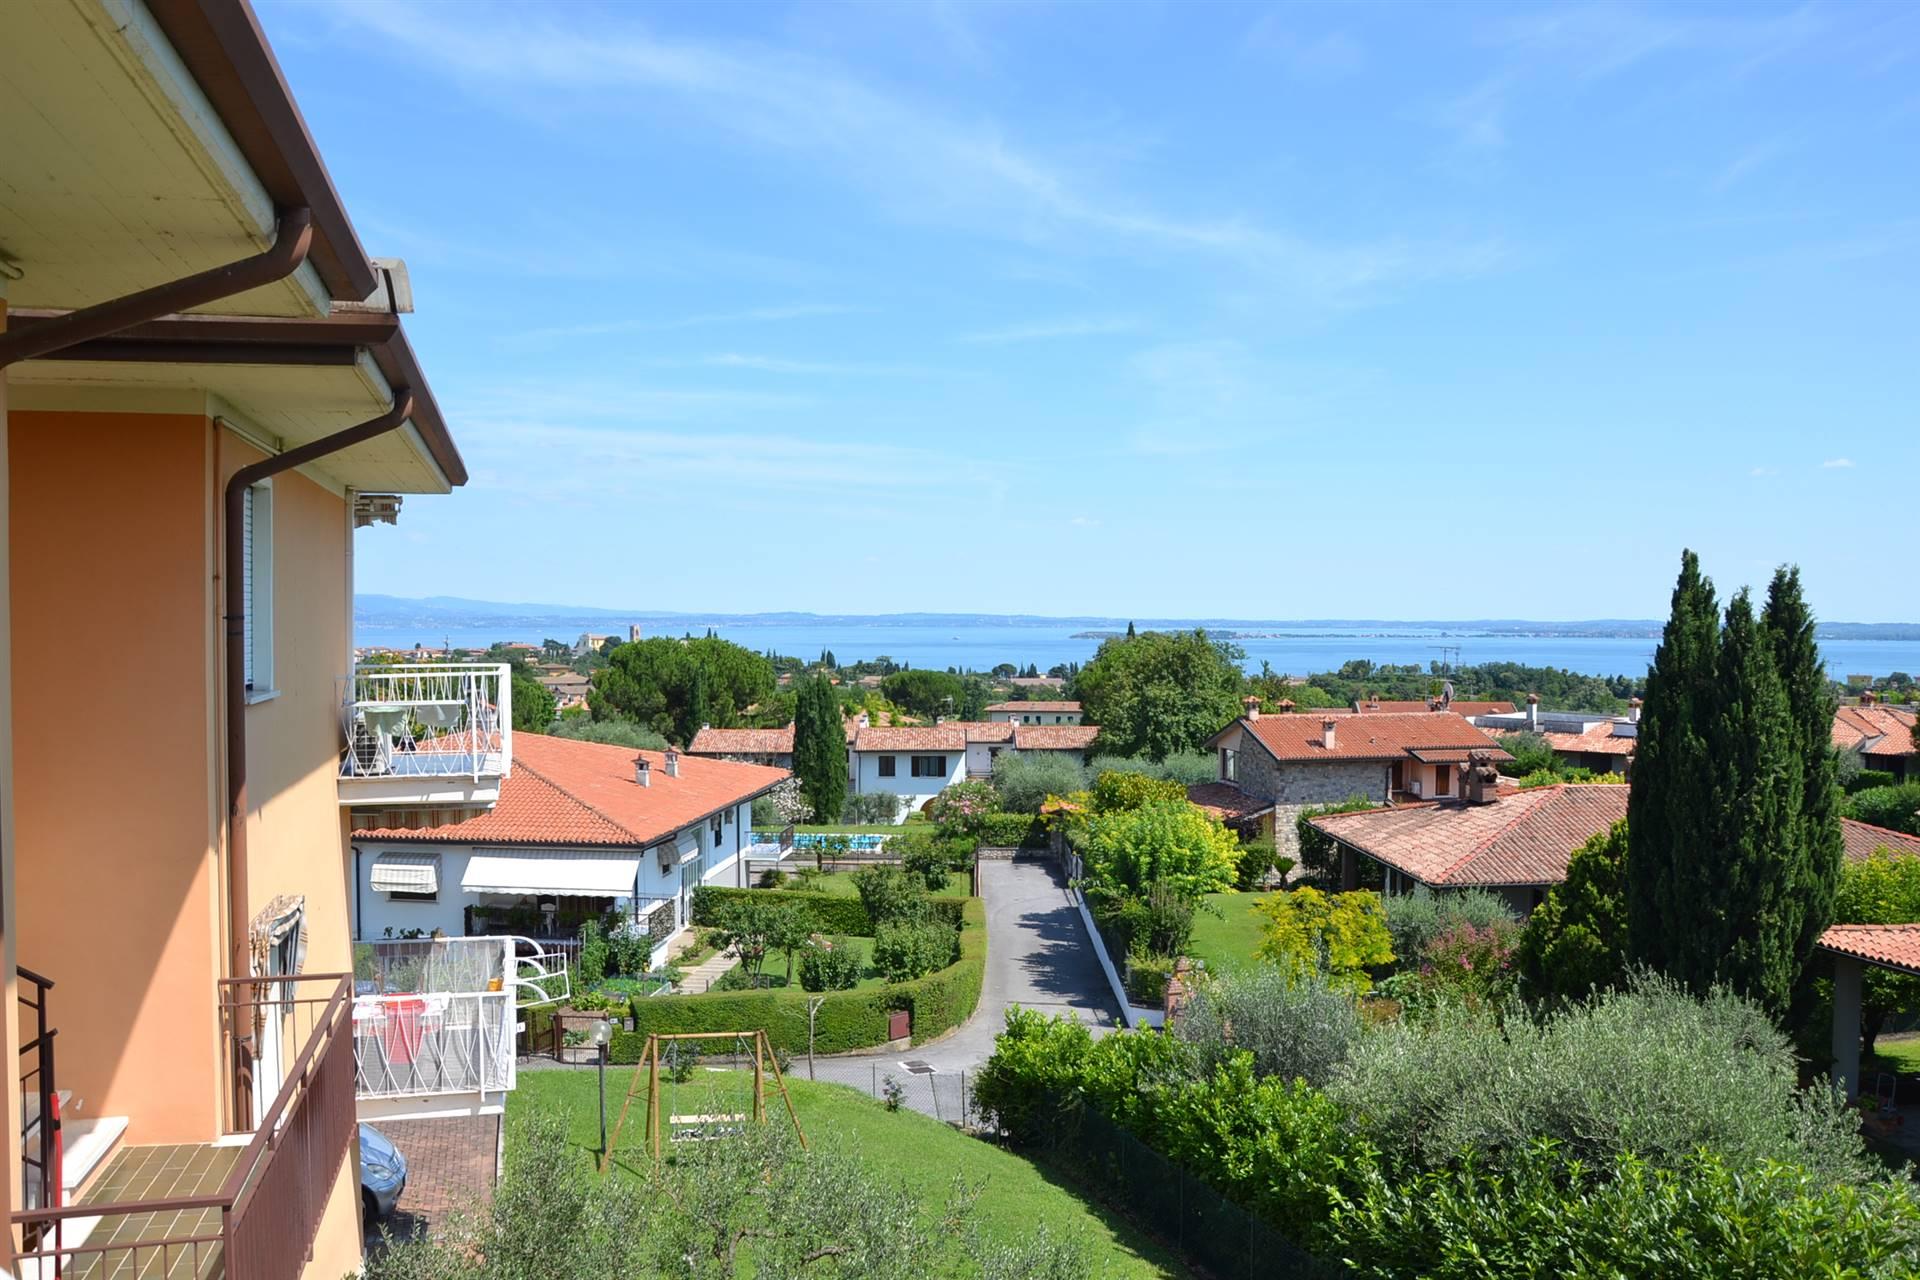 Appartamento in vendita a Soiano del Lago, 3 locali, prezzo € 145.000 | CambioCasa.it